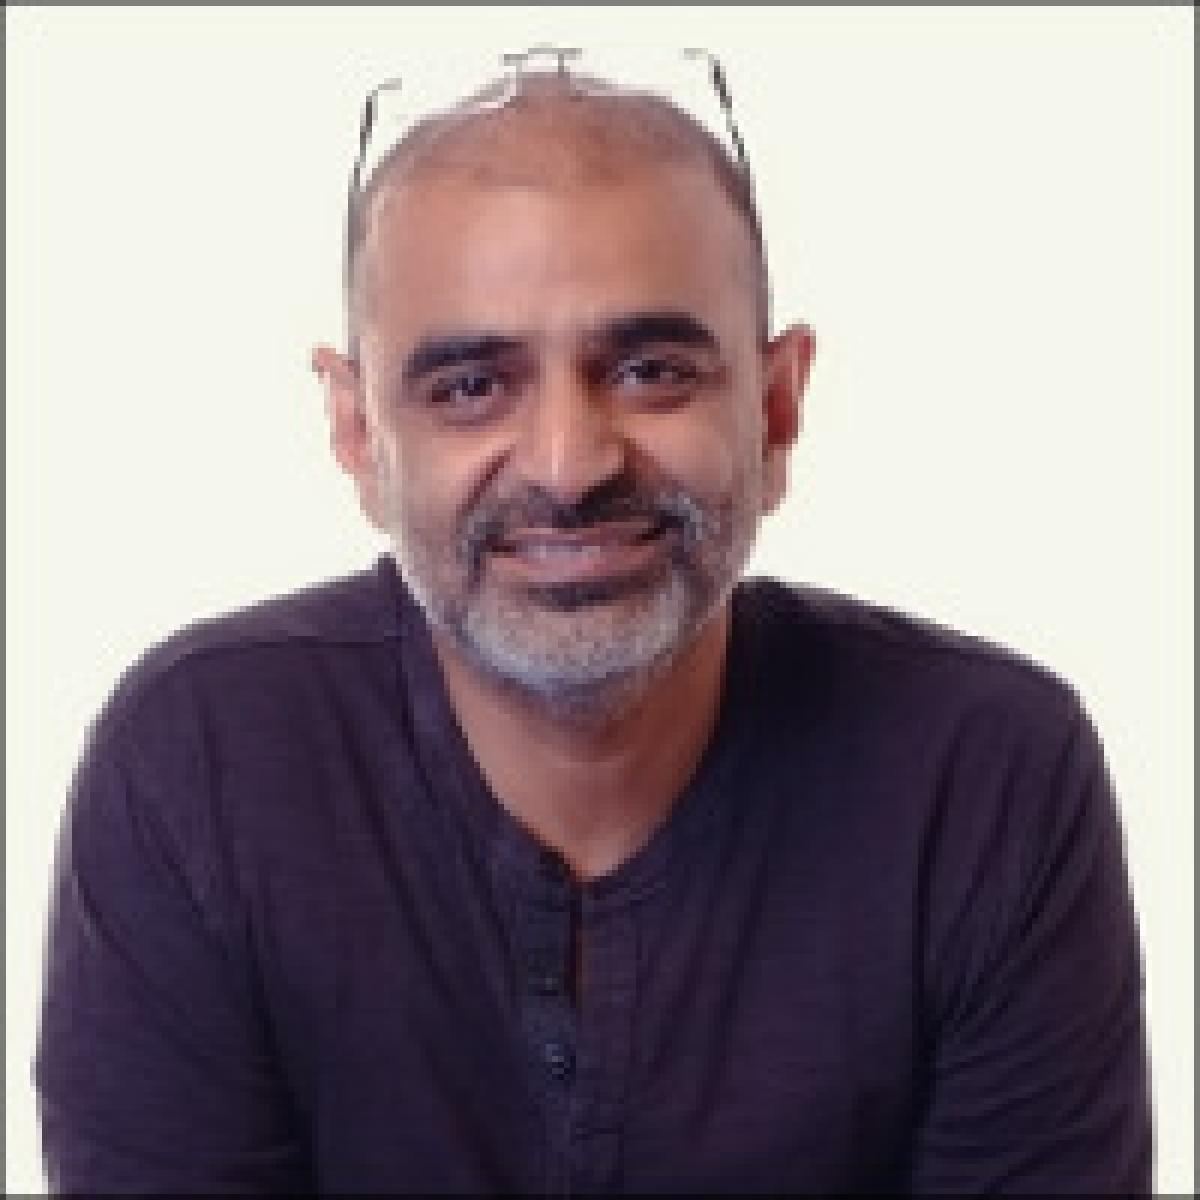 Ogilvy Group Creative Director Azazul Haque steps down